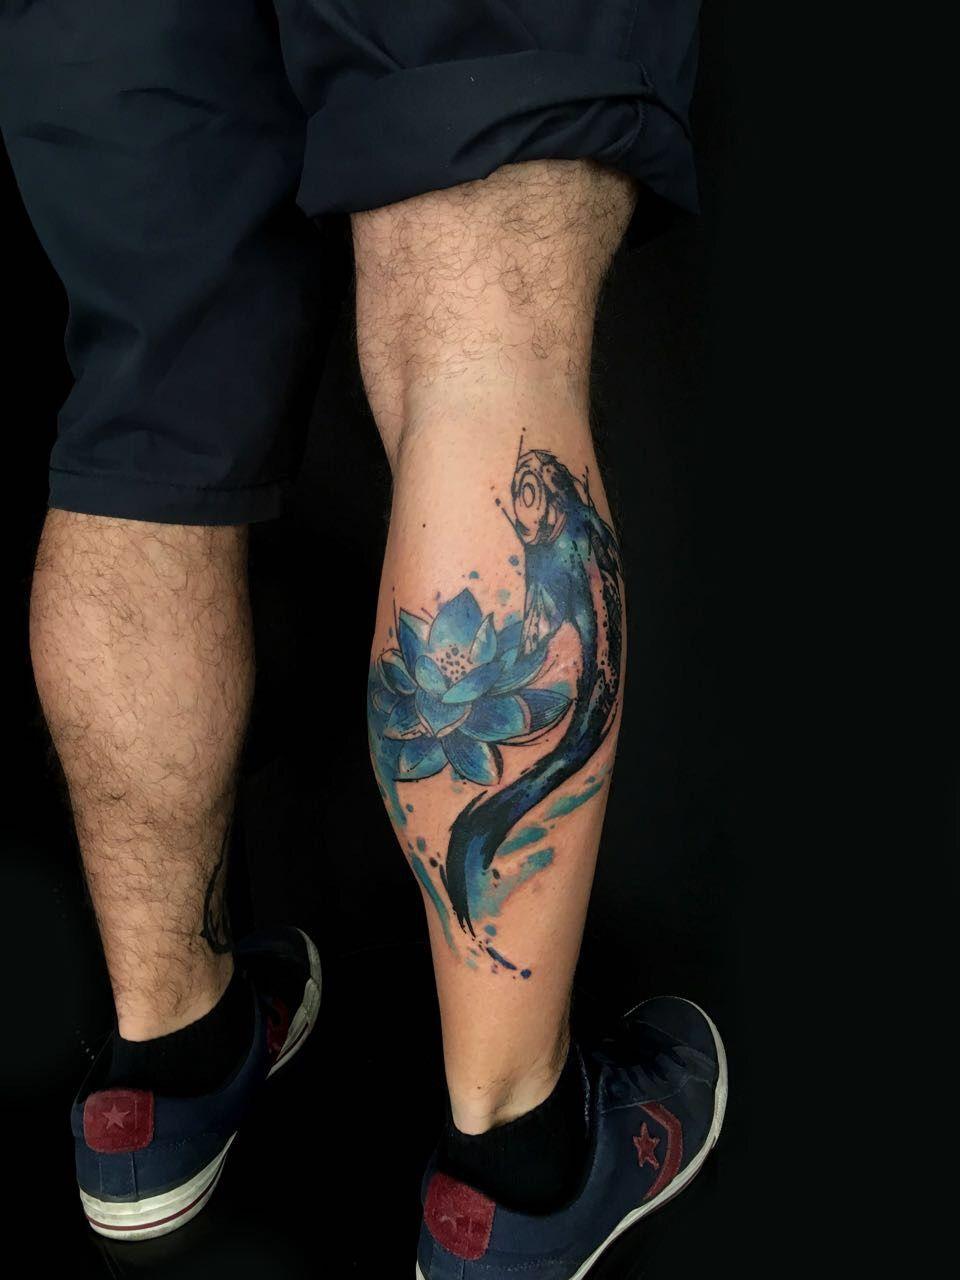 Fishkoi Lotus Flower Tatuajes Pantorrilla Tatuaje Pez Koi Tatuajes